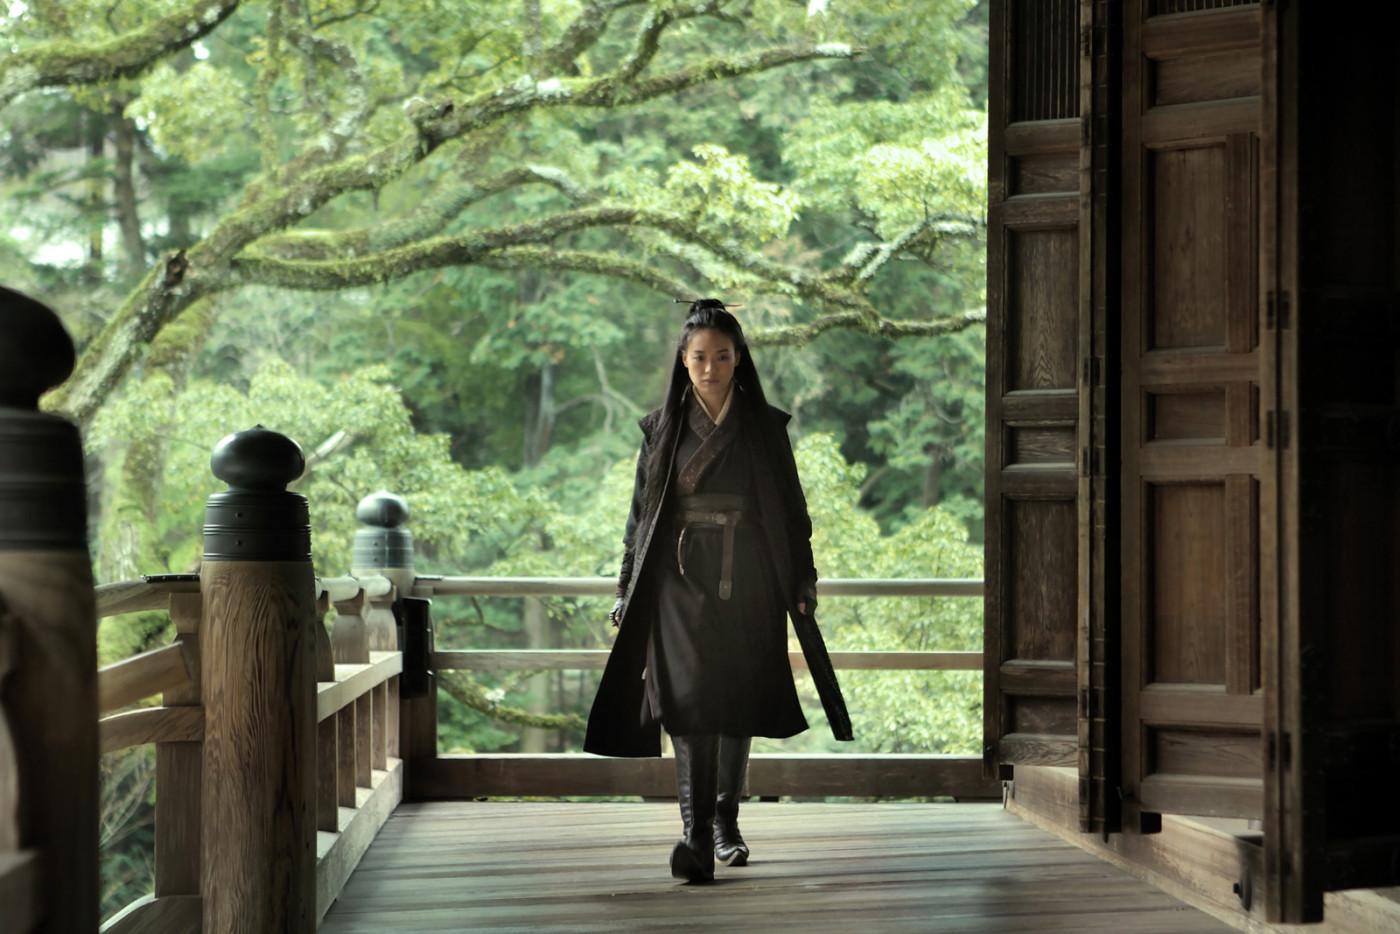 N jak Nie Yin Niang (The Assassin). Czyli nagrodzony za reżyserię nowy film Hsiao-hsien Hou. Dziwna sprawa, większość zachodnich recenzentów się nad nim rozpływała, premierowy pokaz został ponoć nagrodzony długimi brawami. Koleżanka jednak z niego wyszła po godzinie i podobno uczyniła to przed nią znaczna część sali. Ostrzeżony, z pewnymi obawami udałem się więc na następny pokaz, z którego po 30 minutach wyszedł Filip Jalowski oraz Maciek Niedźwiedzki. Wielu polskich recenzentów obchodziło później szerokim łukiem temat tego filmu w swoich podsumowaniach festiwalu, niewiele się nad nim rozwodząc. Wiem, że nie podobał się Michałowi Oleszczykowi. Michał Walkiewicz zdaje się, że również nieco narzekał. Jedynie chyba Tadeusz Sobolewski wyraził zdecydowany zachwyt i zaliczył nawet dwa seanse. Osobiście bezboleśnie wysiedziałem do końca, nawet dostroiłem się do powolnego rytmu filmu i dałem się temu ponieść do końca, ale nie mogę powiedzieć, żeby mi się podobało. Nagroda dziwi, bo technicznie pozostawiał wiele do życzenia, szczególnie styl prowadzenia kamery. Abstrahując jednak od tego, to film o niekończących się dysputach Chińczyków na mało interesujące tematy, pozbawionych napięcia intrygach, nudnym życiu dworskim i chmurkach płynących po niebie. Chmurki były najfajniejsze.